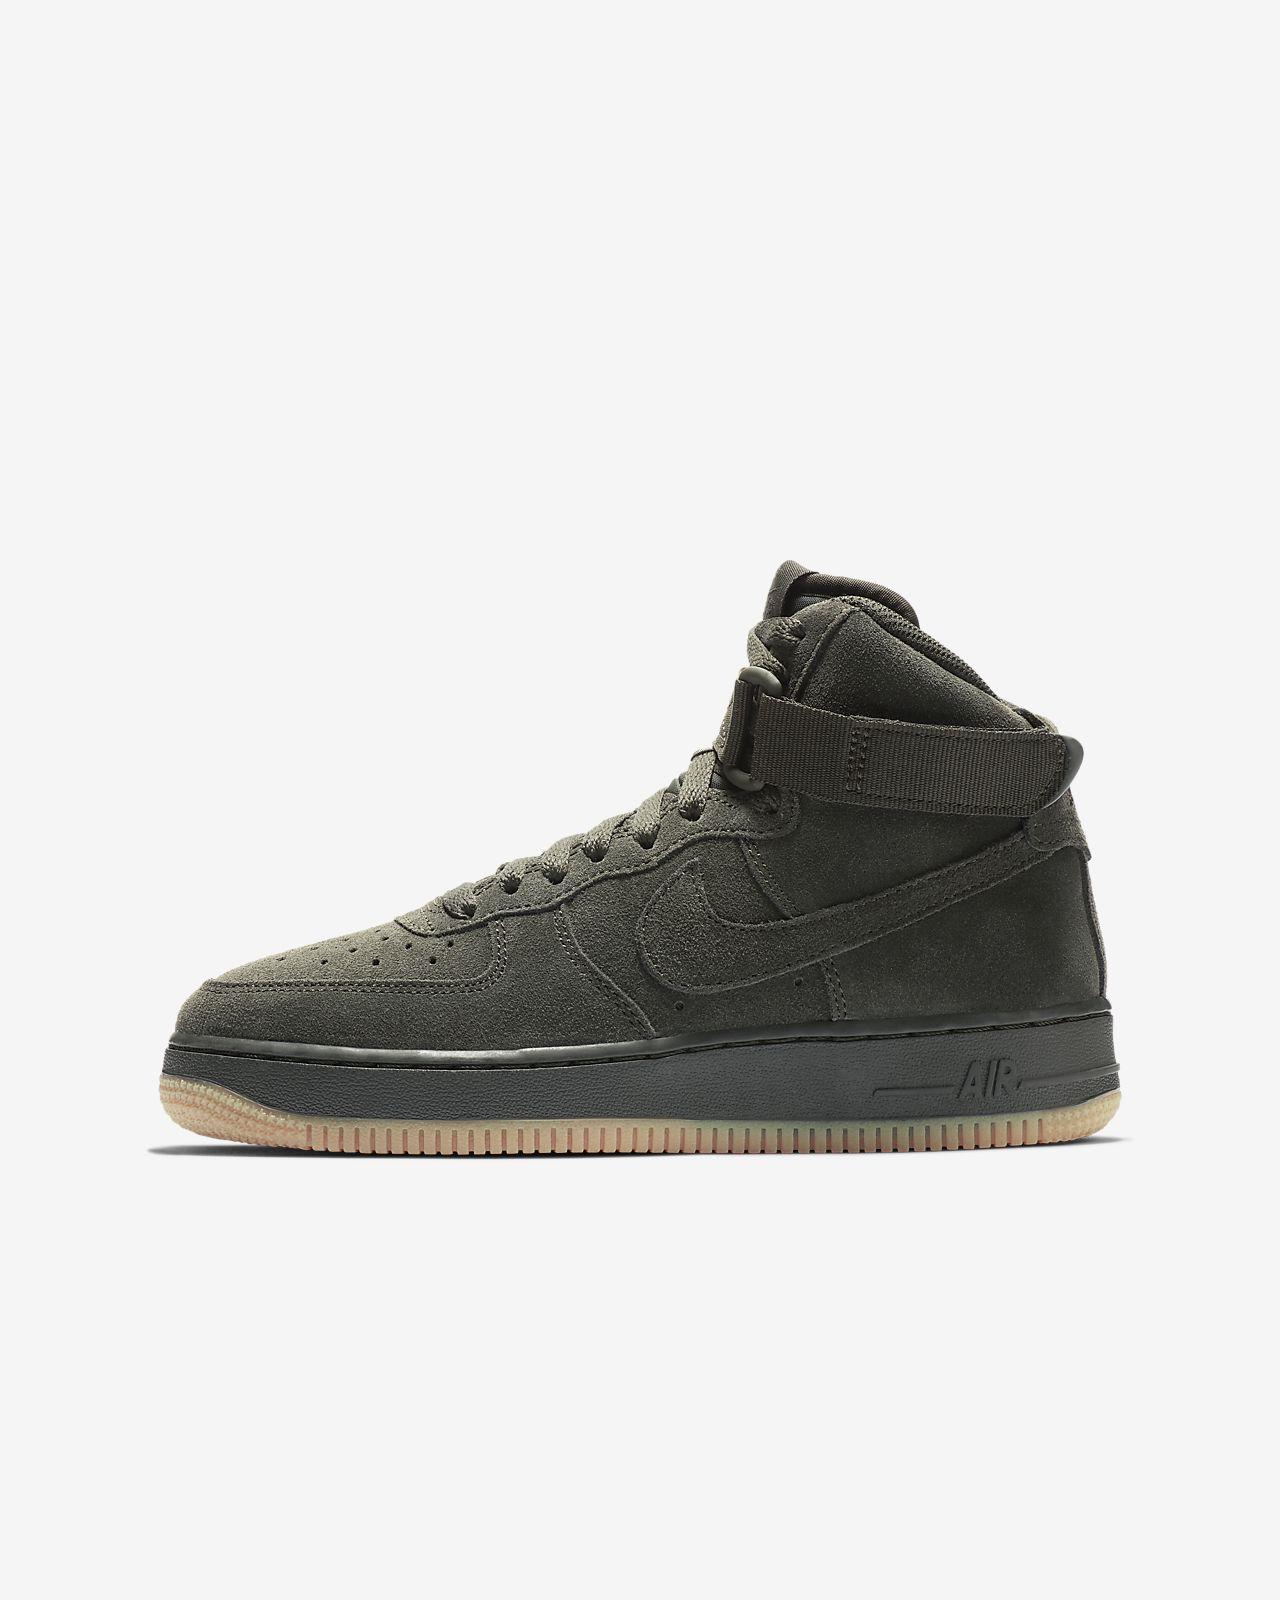 Ma Âgé Plus Nike 1 Lv8 High Pour Chaussure Enfant Air Force 7CSOq